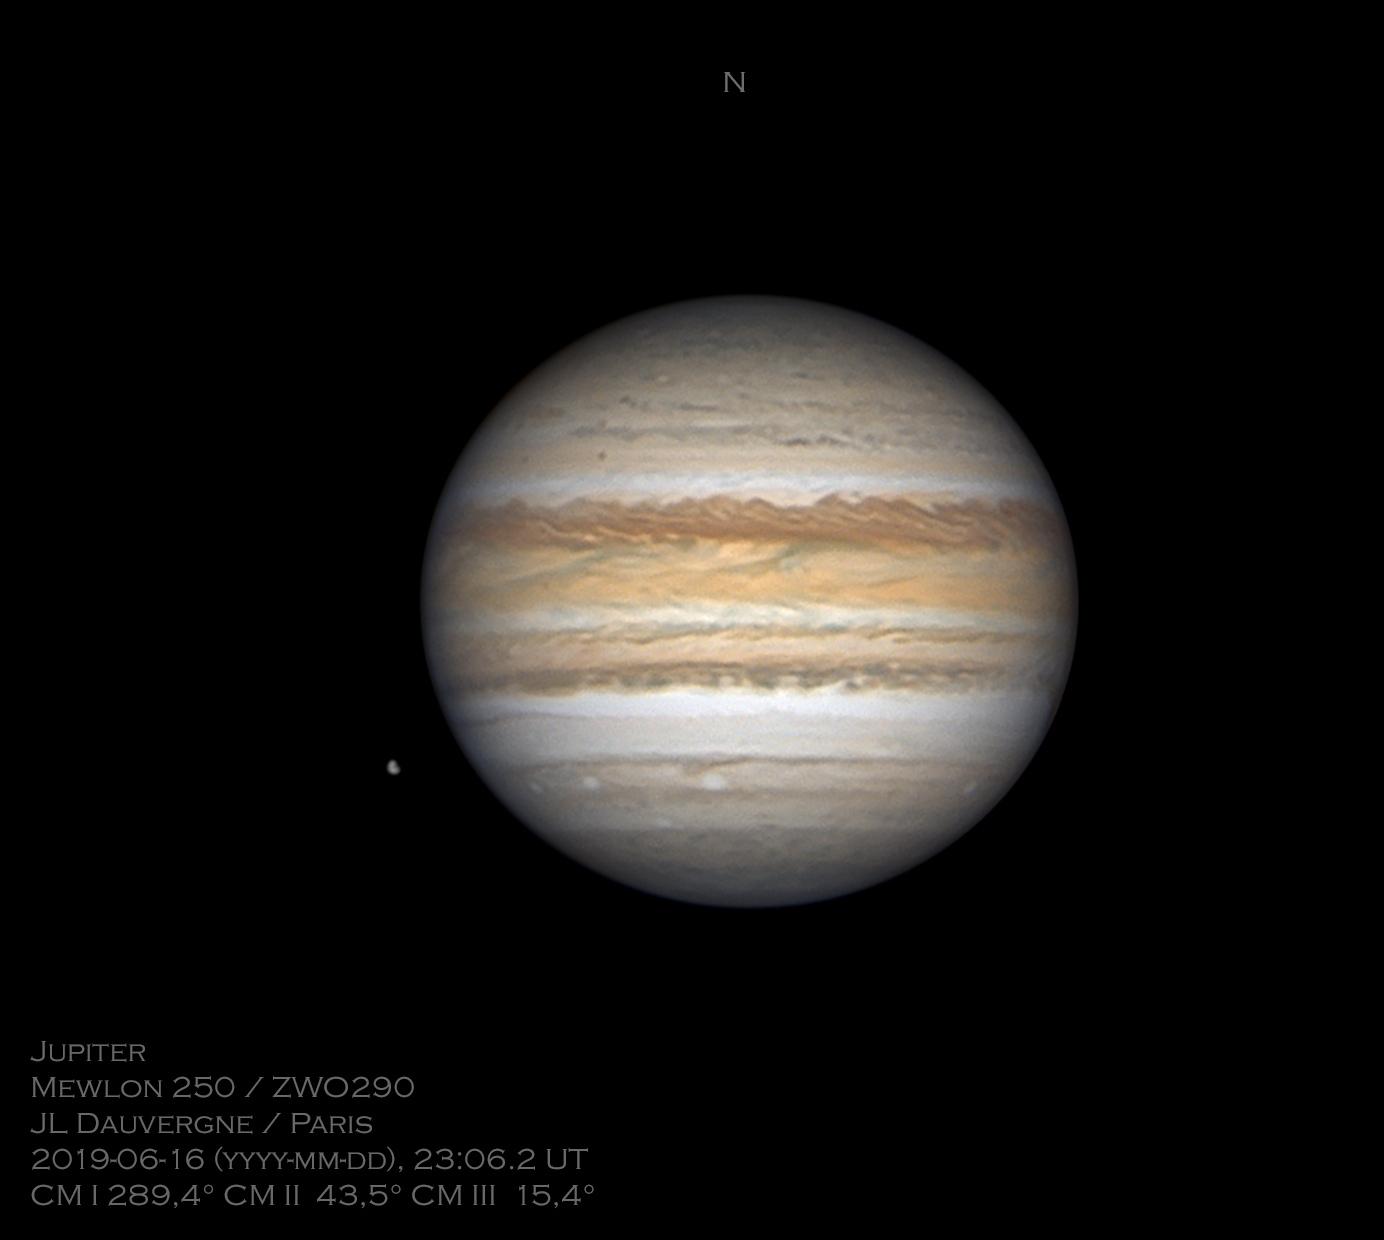 5d07955a48753_2019-06-16-2306_2-L-Jupiter_ZWOASI290MMMini_lapl5_ap193.jpg.e1bf3f684ab3c9d3fb95afb12aff4a06.jpg